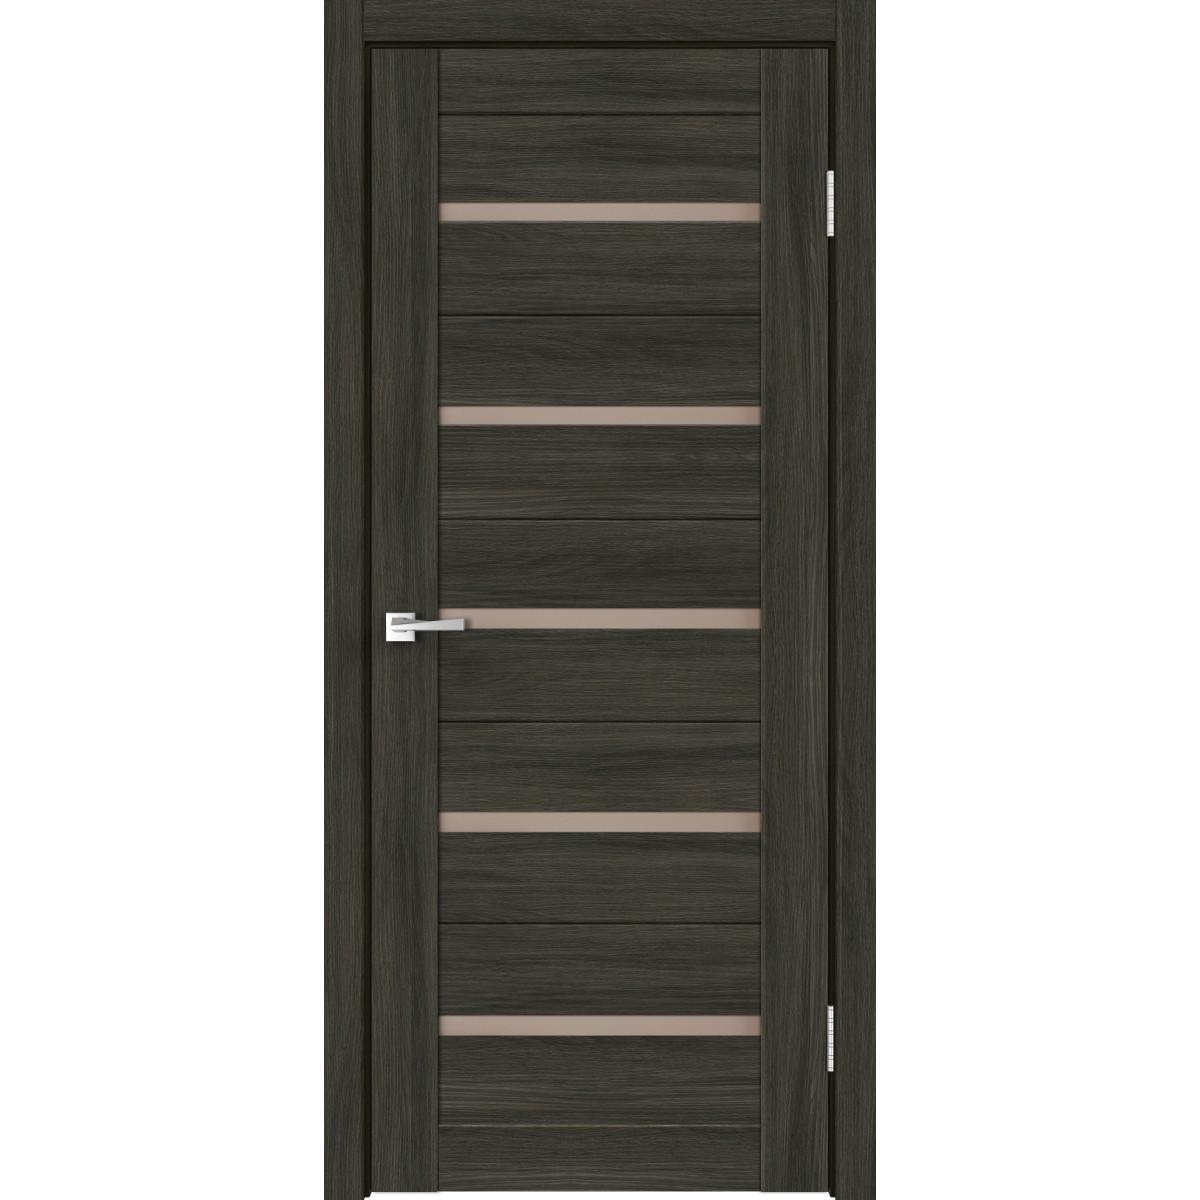 Дверь Межкомнатная Остеклённая Калипсо 70Х200 С Фурнитурой Hardflex Цвет Дуб Кастелло